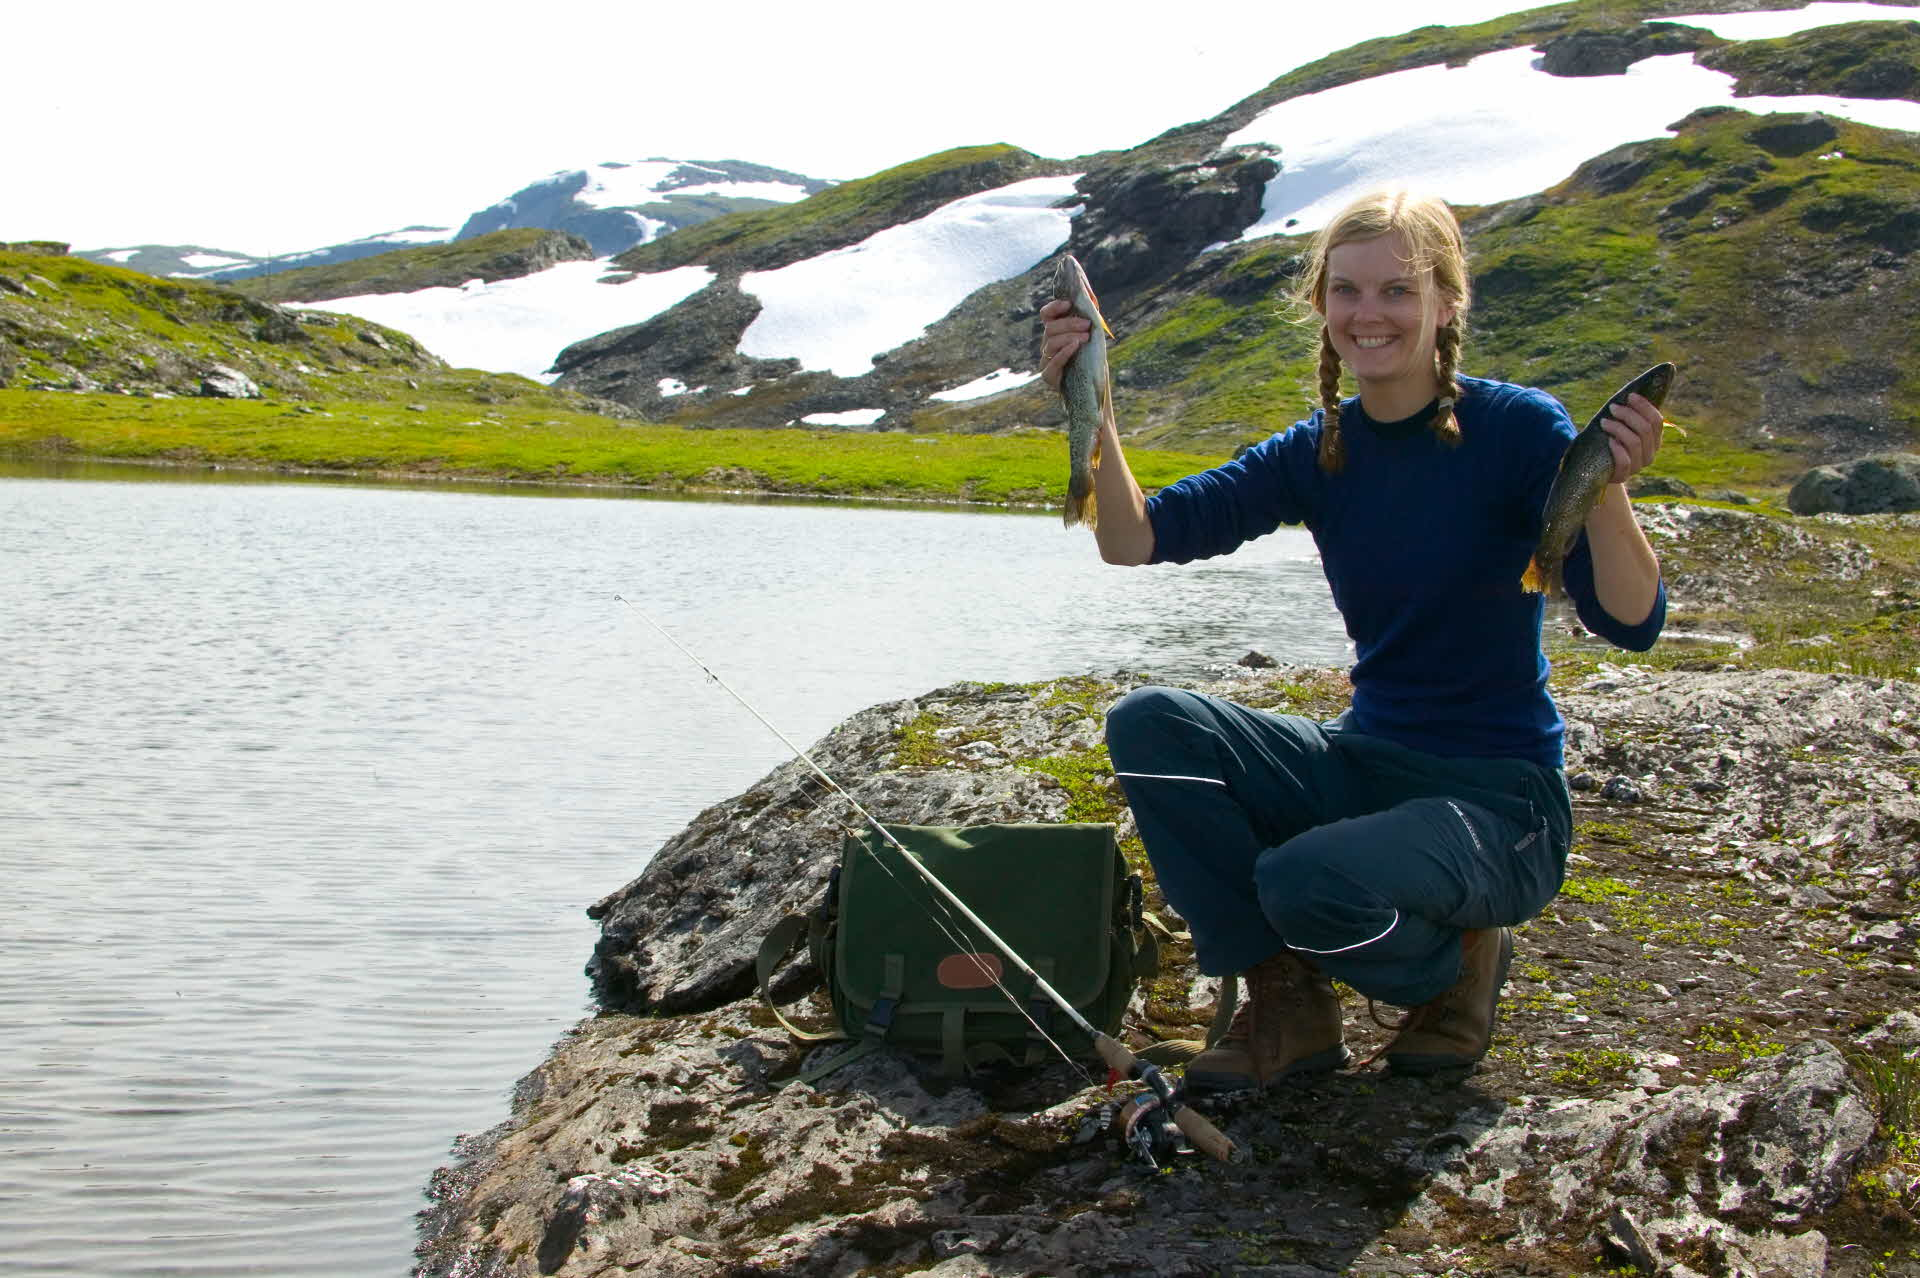 山の湖のそばで2匹の魚を抱えている女の子